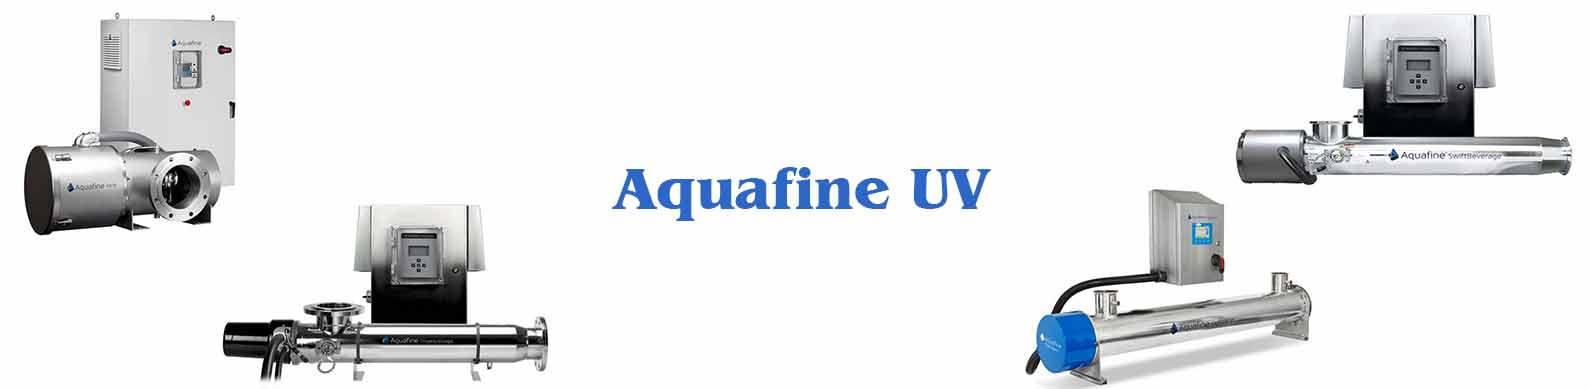 aquafine-banner.jpg